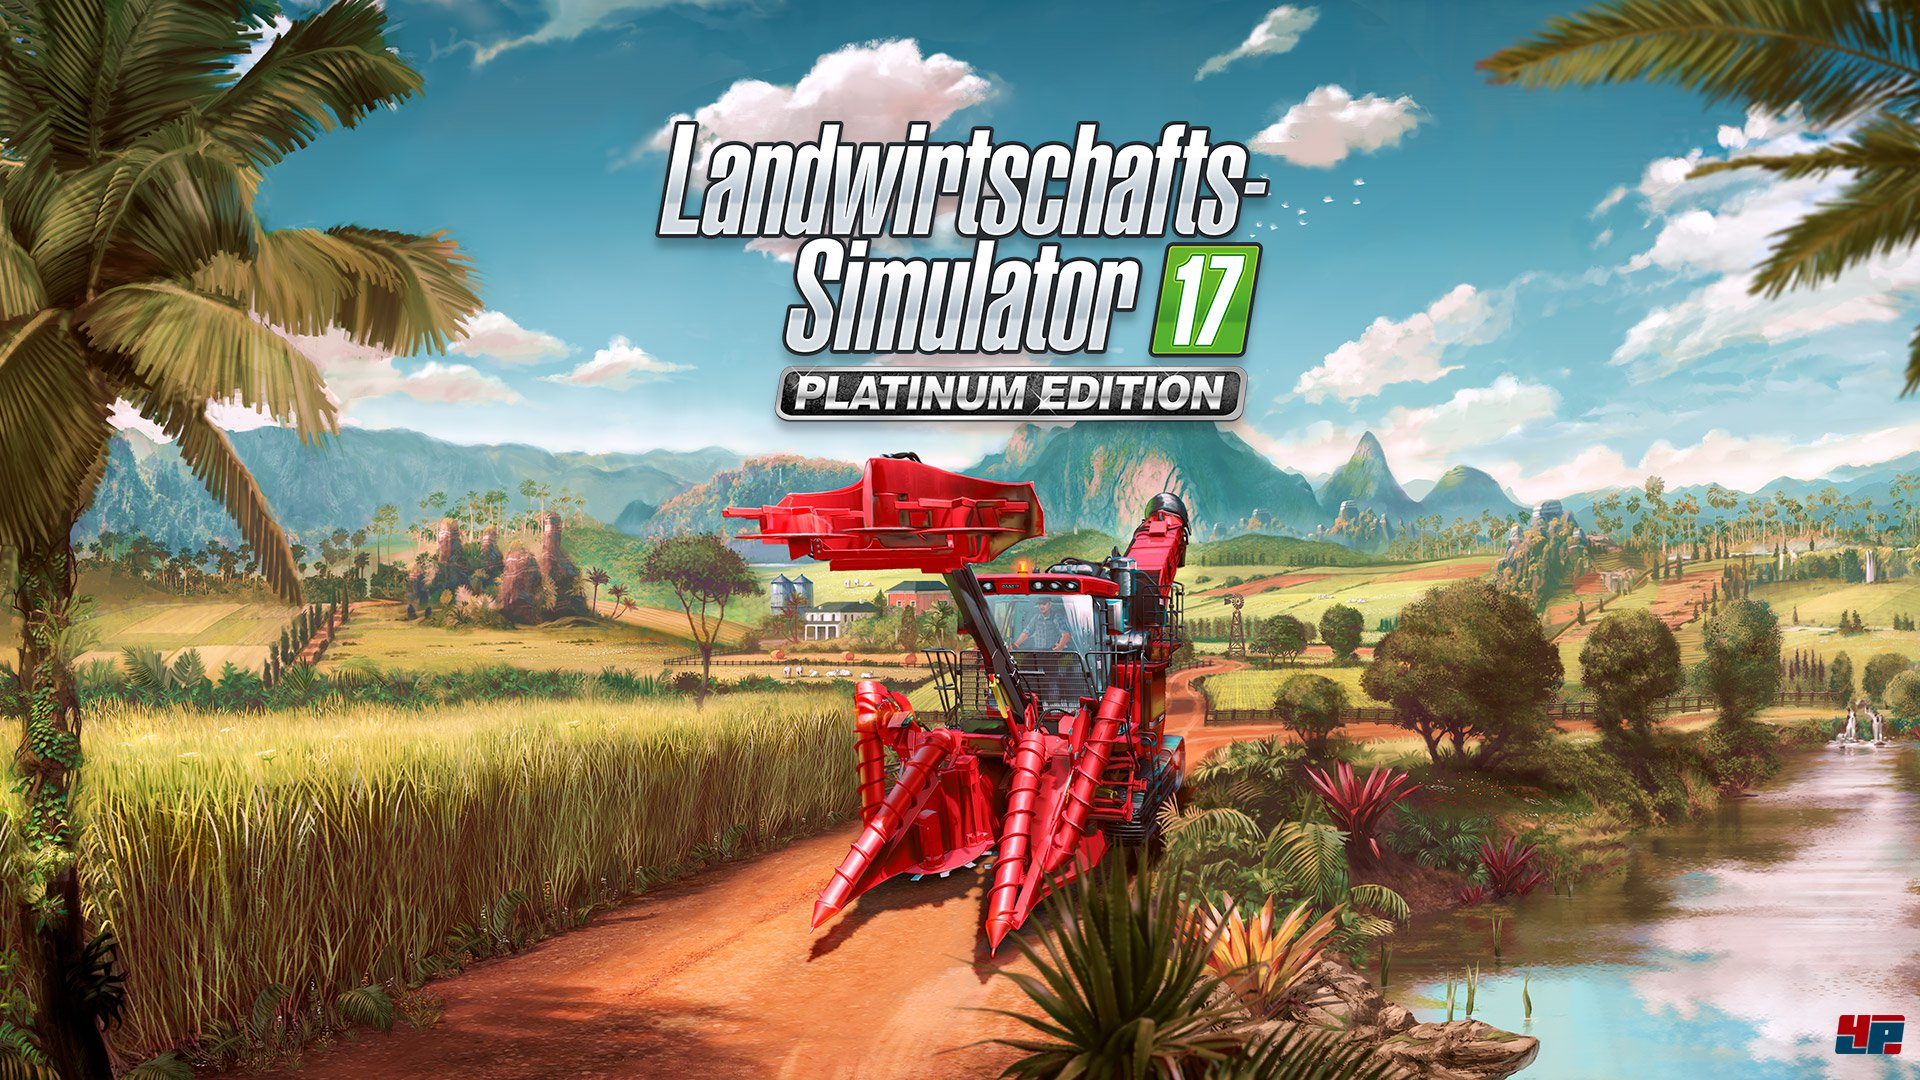 Landwirtschafts-Simulator 17 - Platinum Edition schickt euch im November nach Südamerika